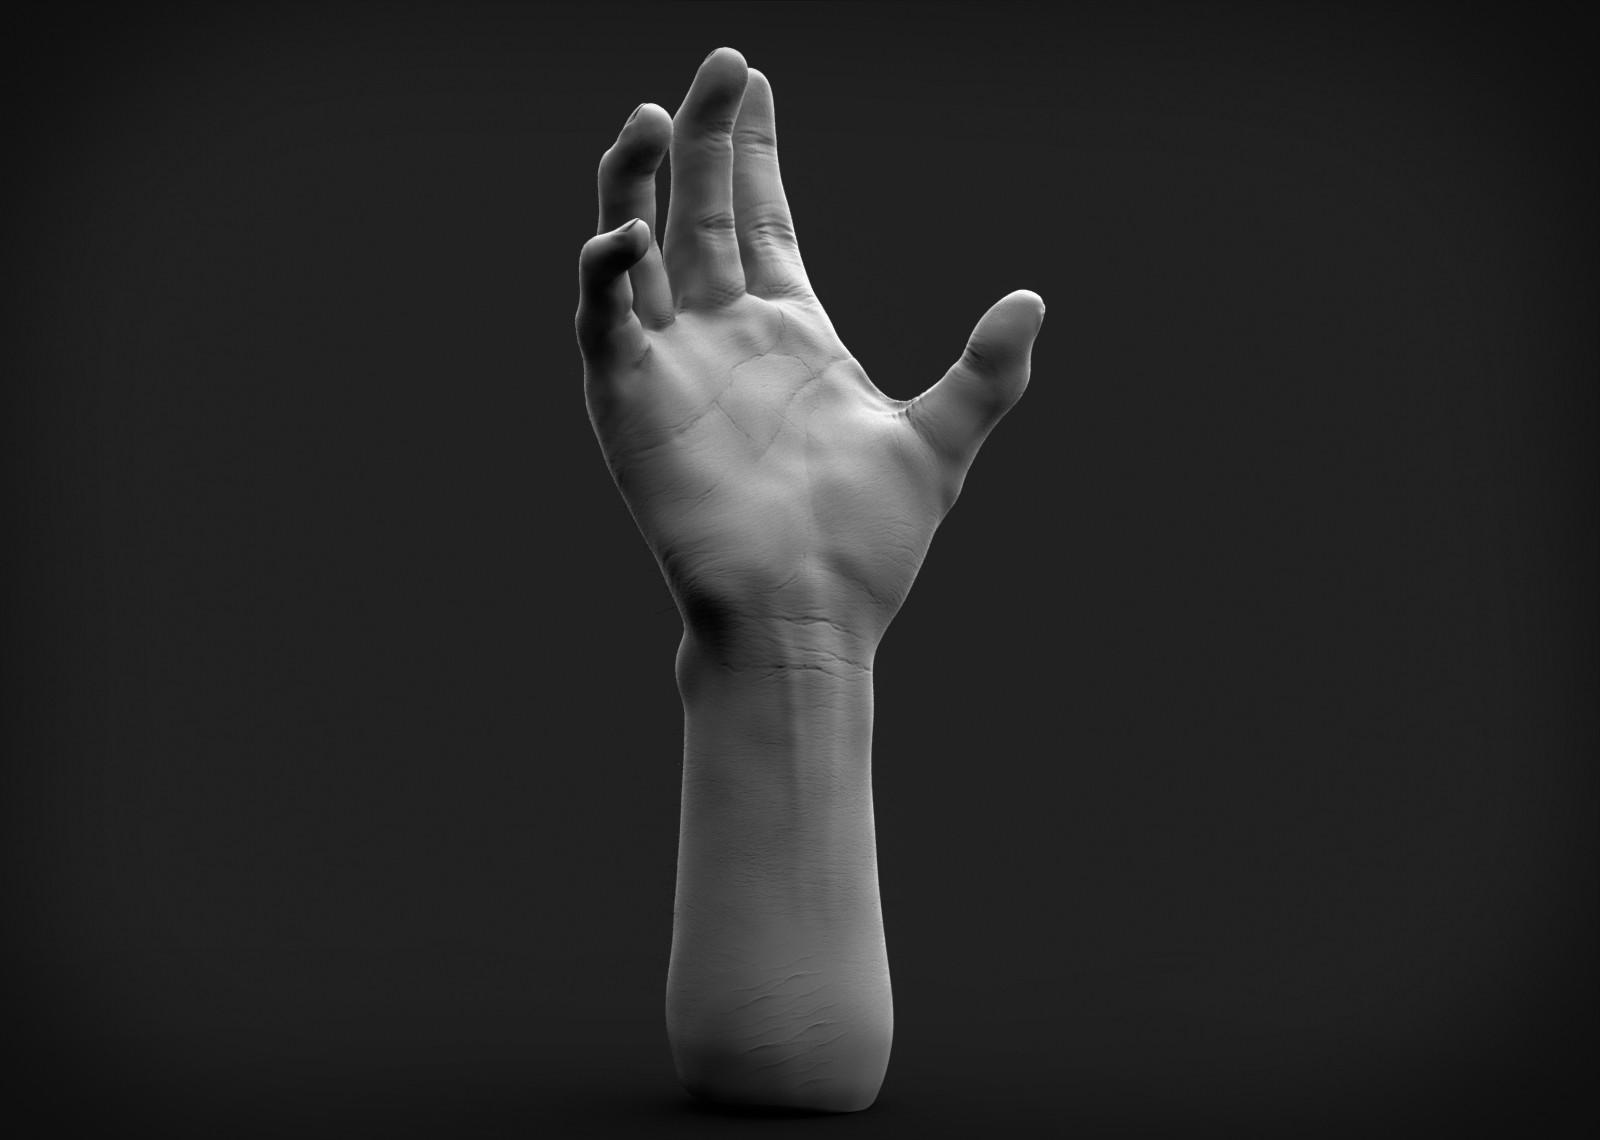 Romain pommier hand 5